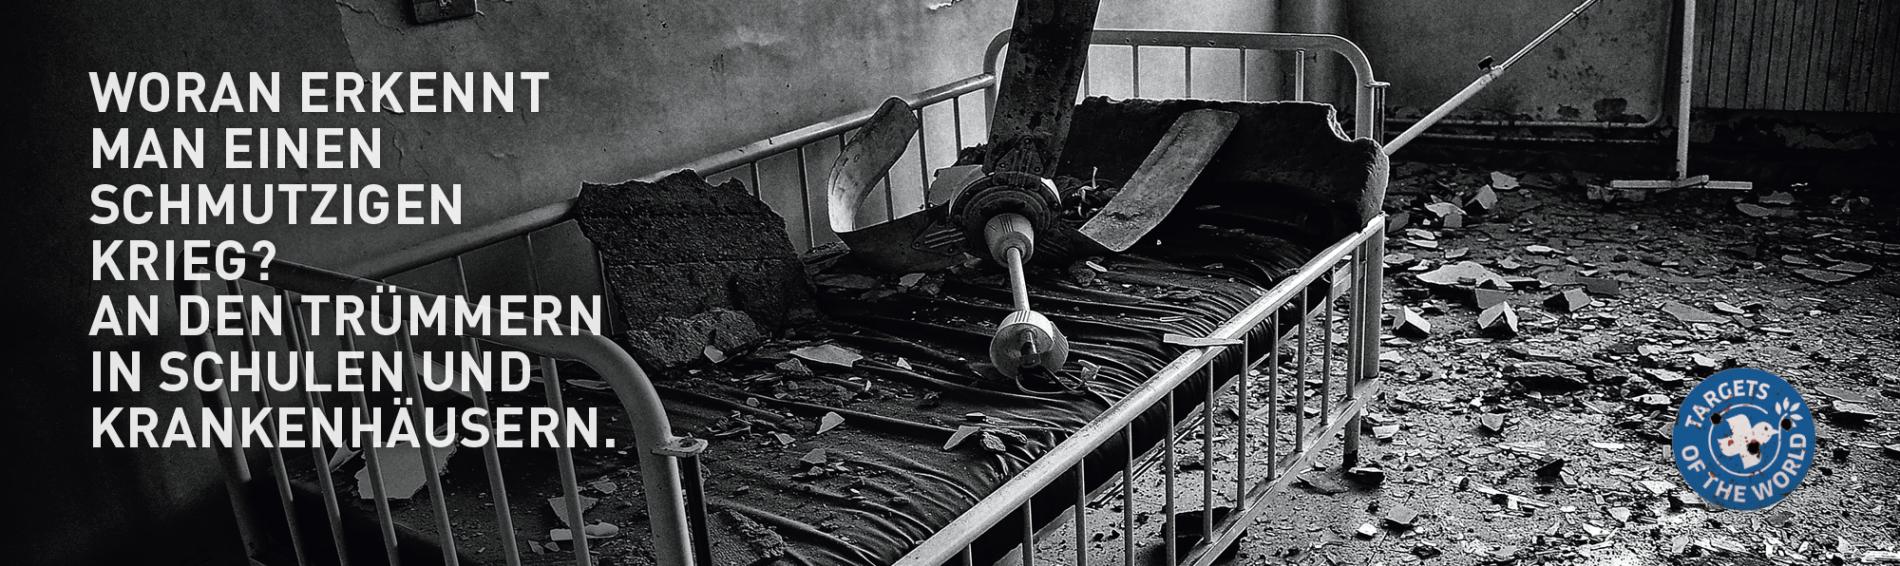 Woran erkennt man einen schmutzigen Krieg? An den Trümmern in Schulen und Krankenhäusern. Targets of the World